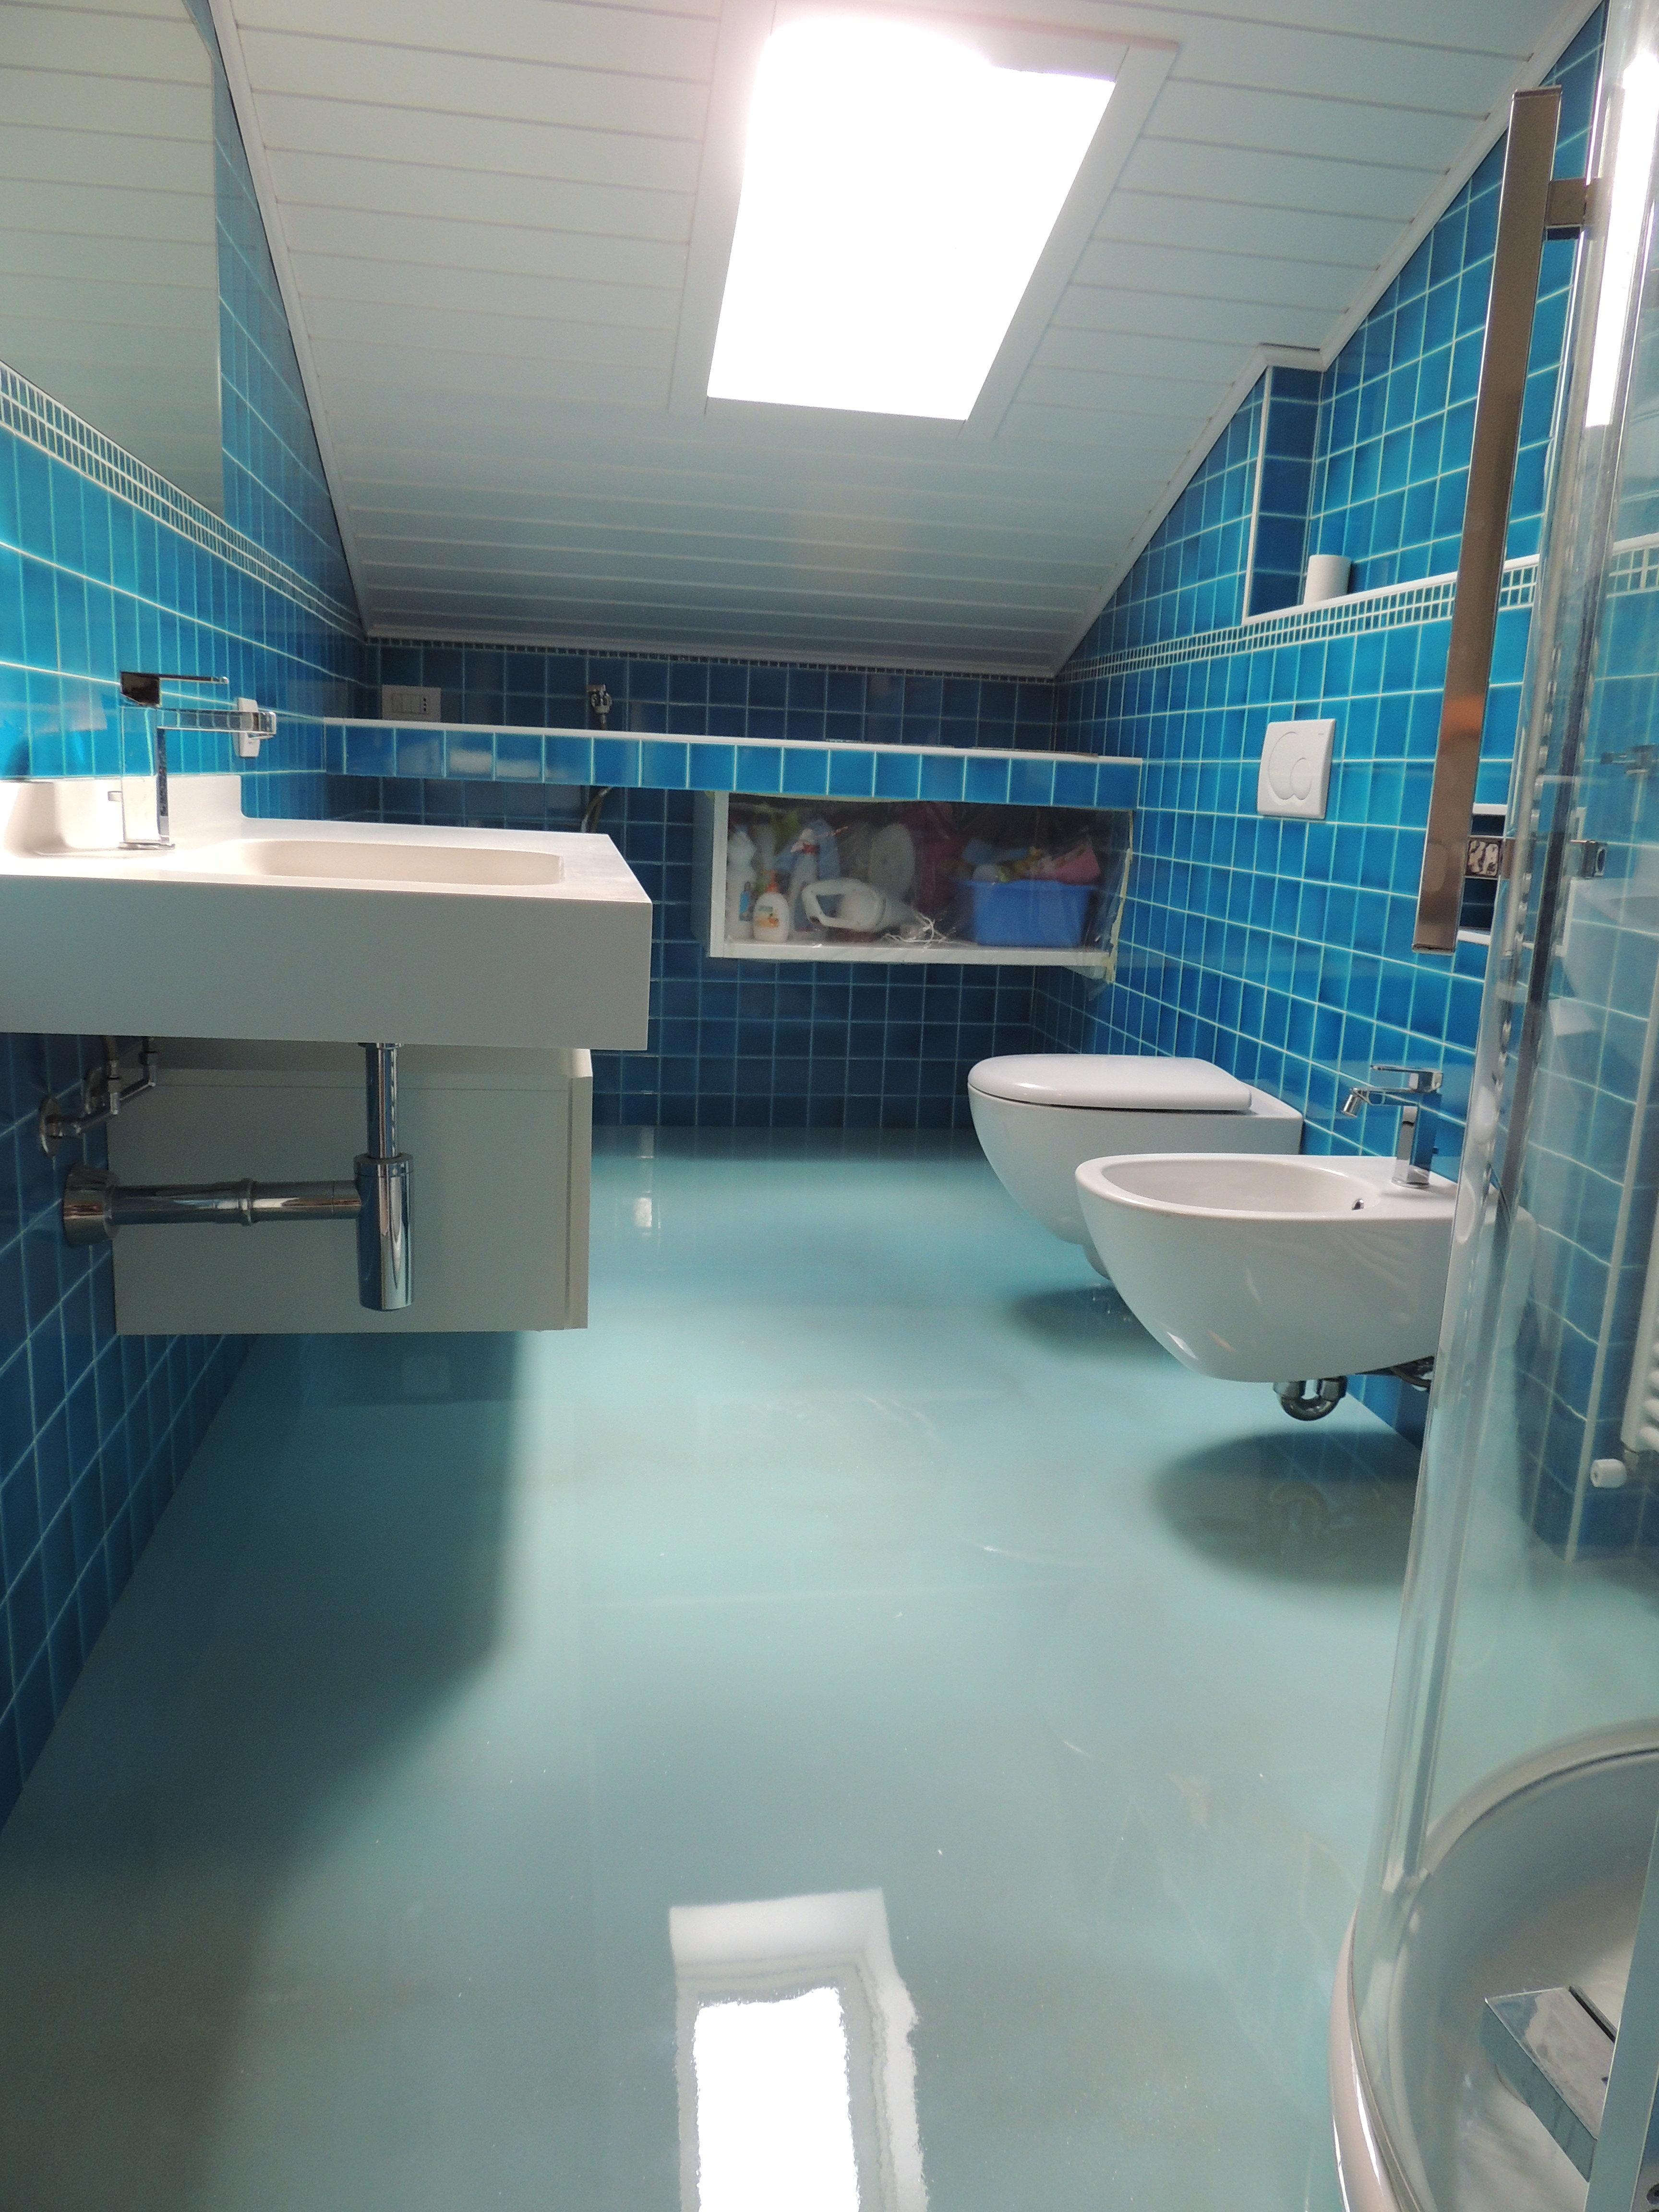 Mi piace immergersi nella bagno di casa: Sanitari bagno offerte 70